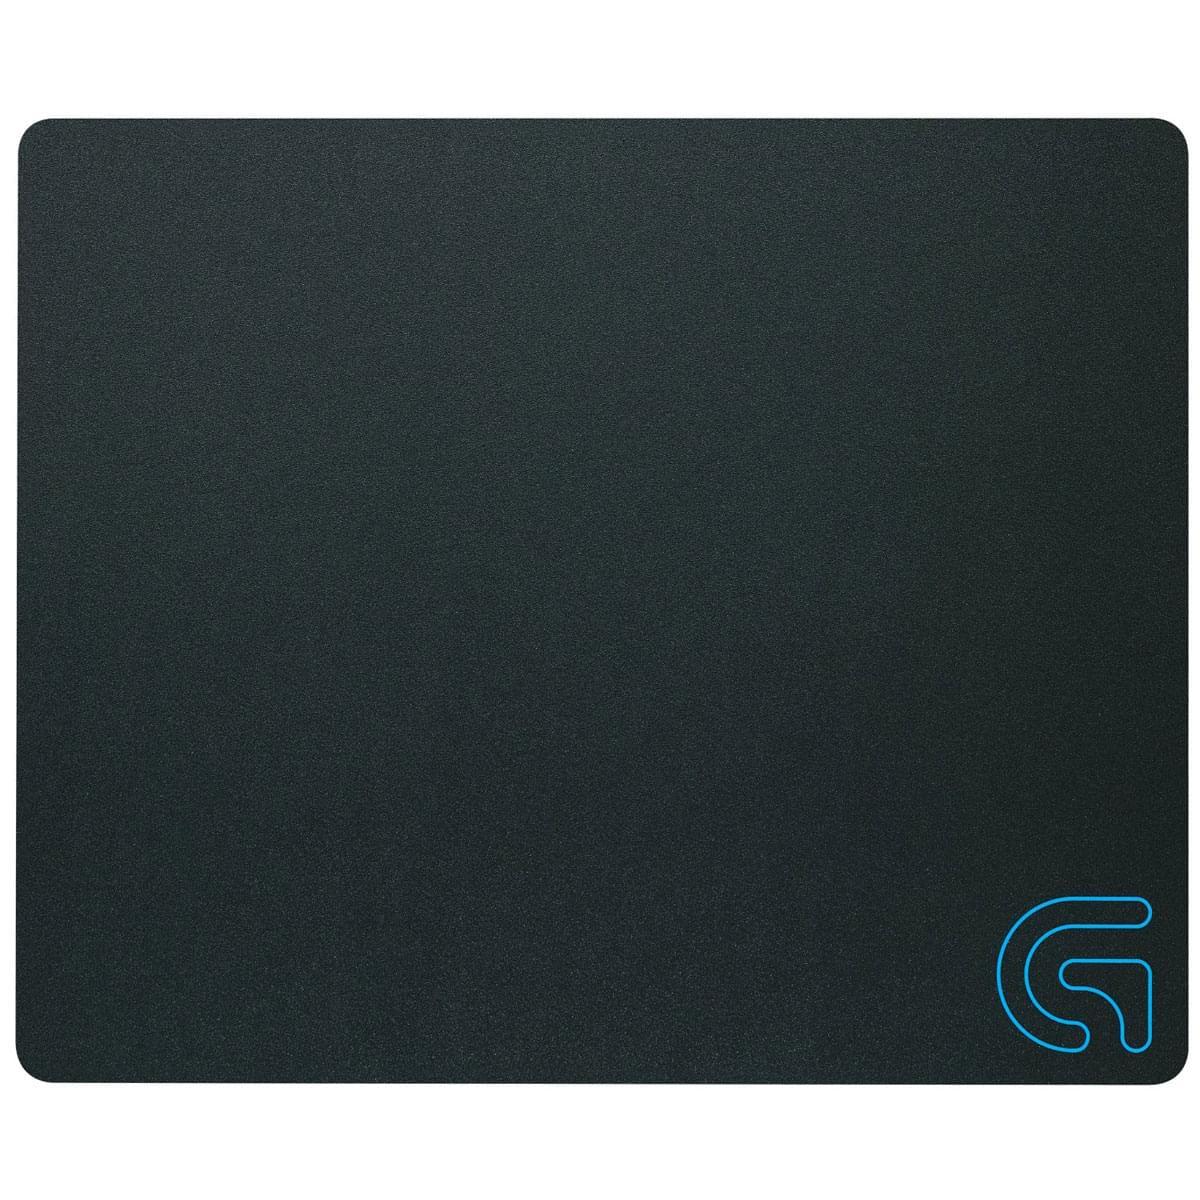 Logitech G G440 Hard Gaming Mouse Pad (943-000051) - Achat / Vente Tapis de souris sur Cybertek.fr - 0